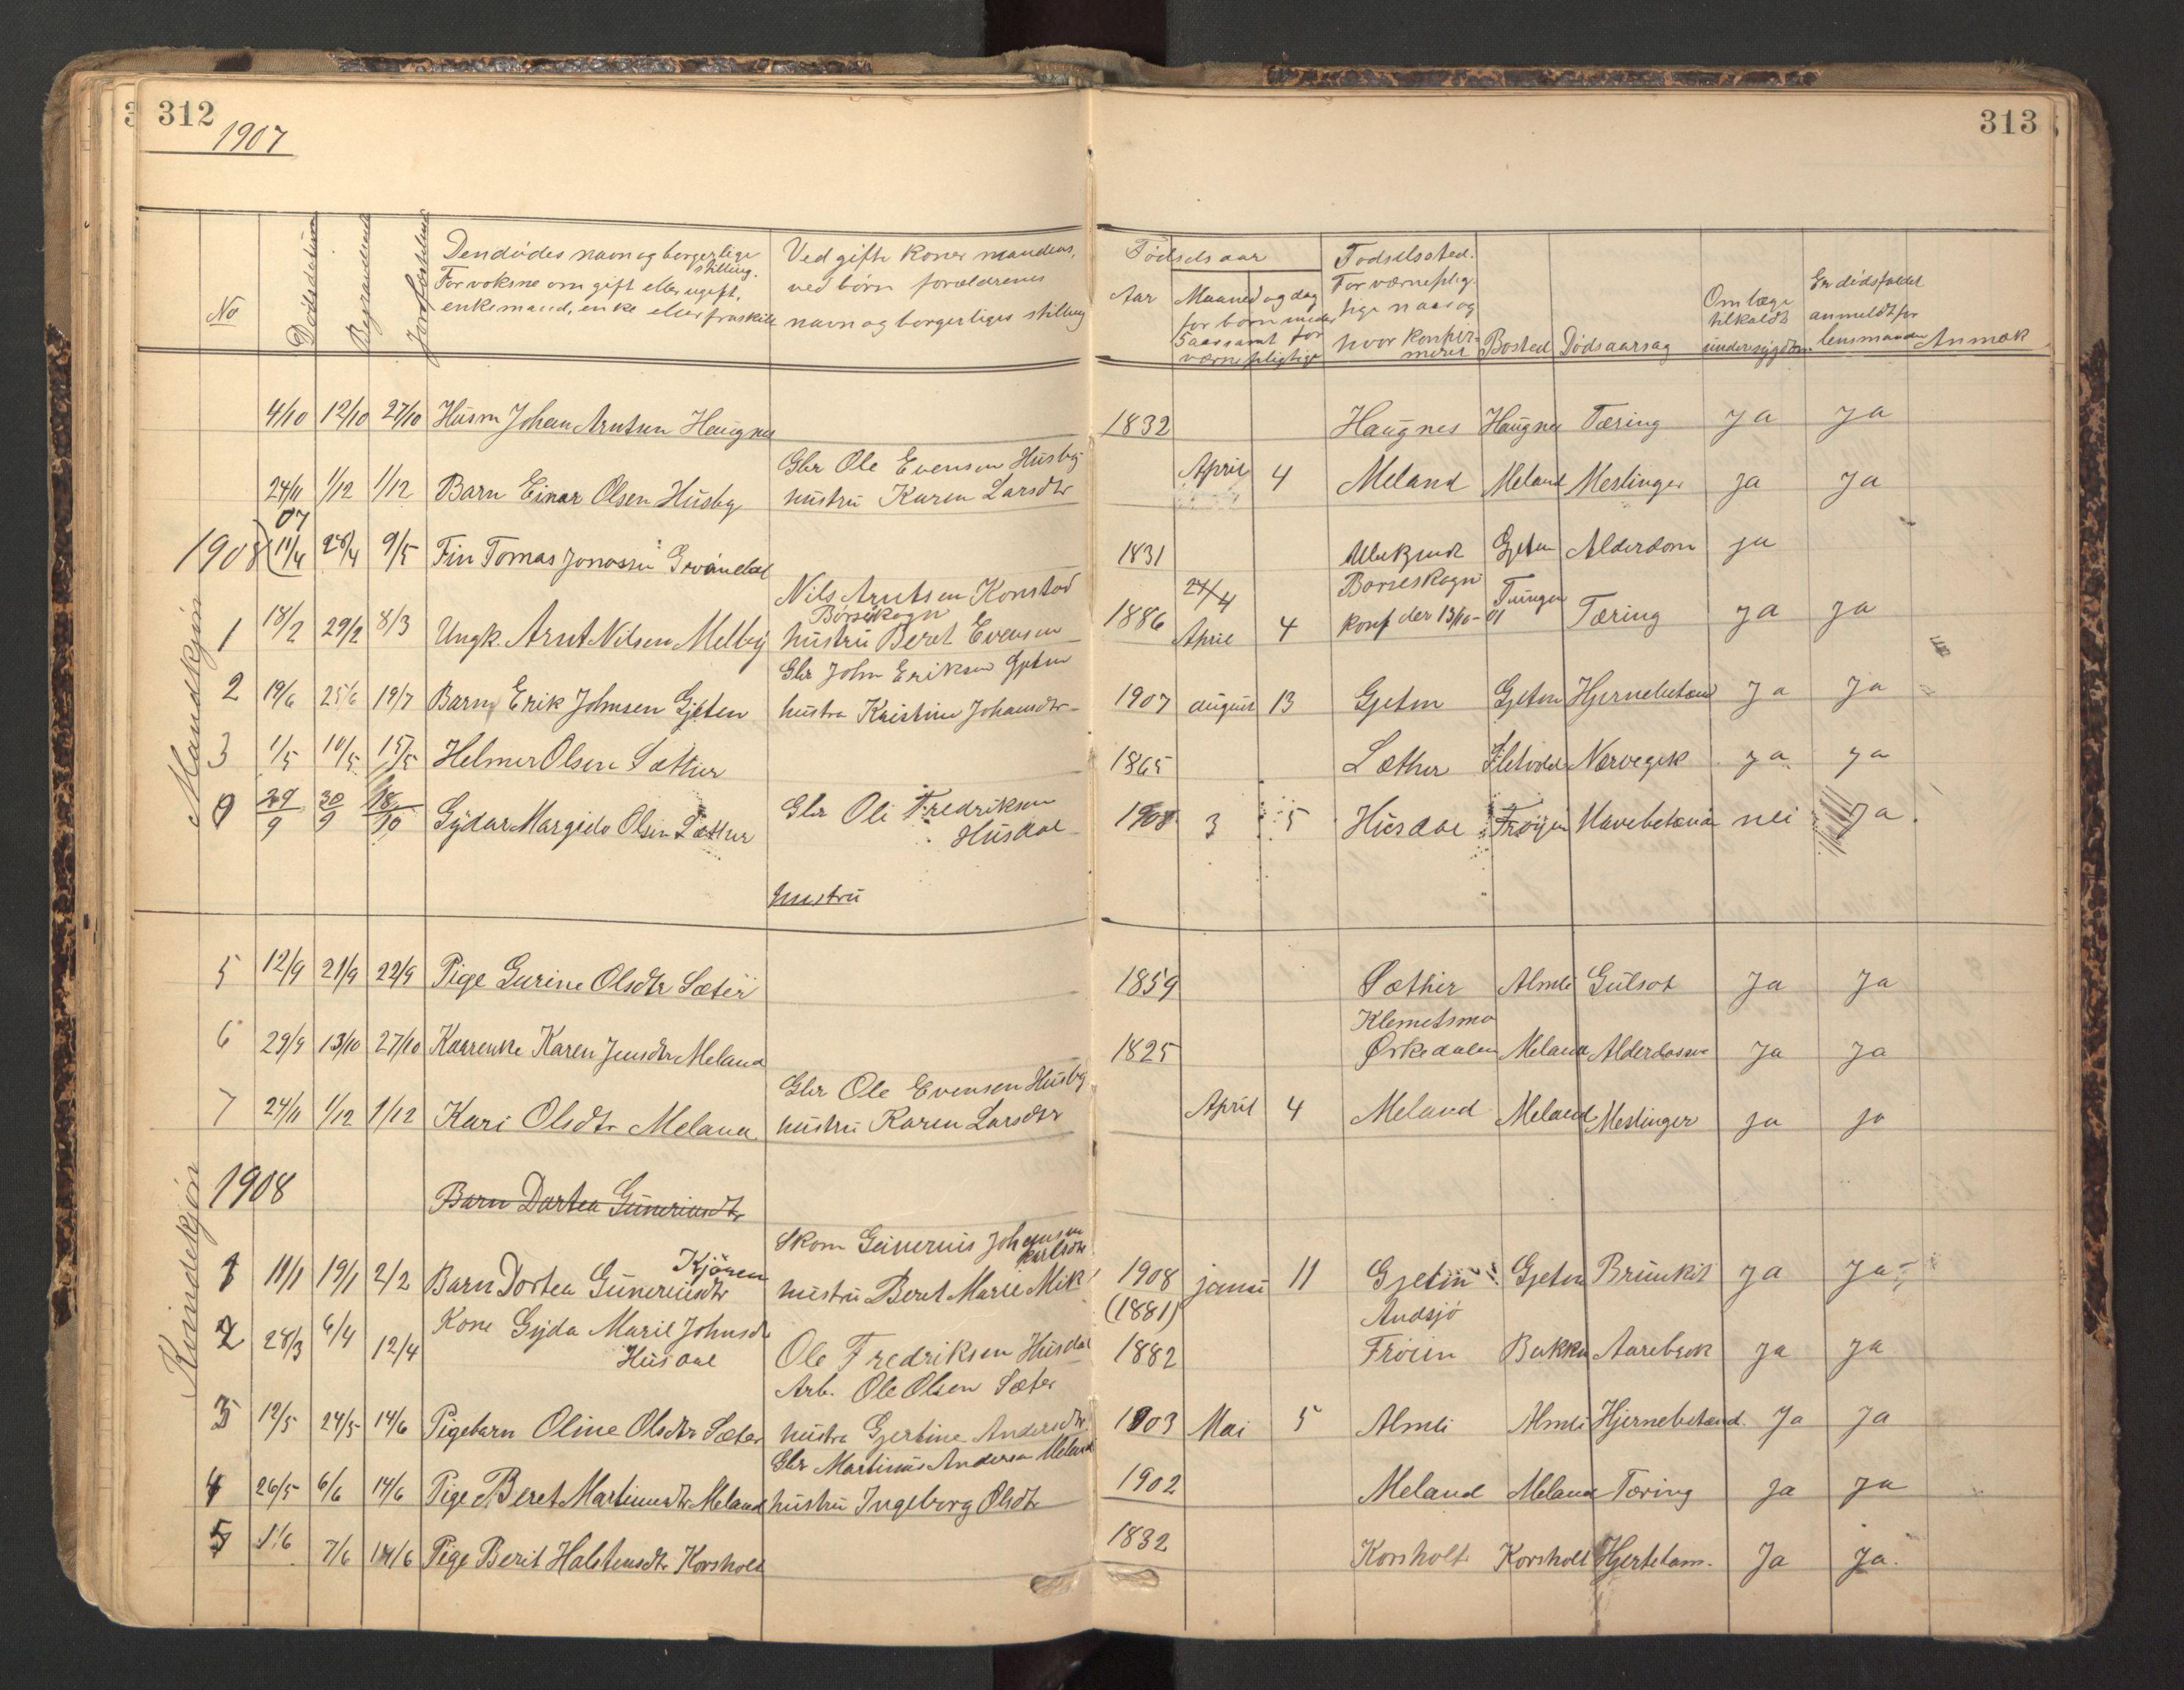 SAT, Ministerialprotokoller, klokkerbøker og fødselsregistre - Sør-Trøndelag, 670/L0837: Klokkerbok nr. 670C01, 1905-1946, s. 312-313